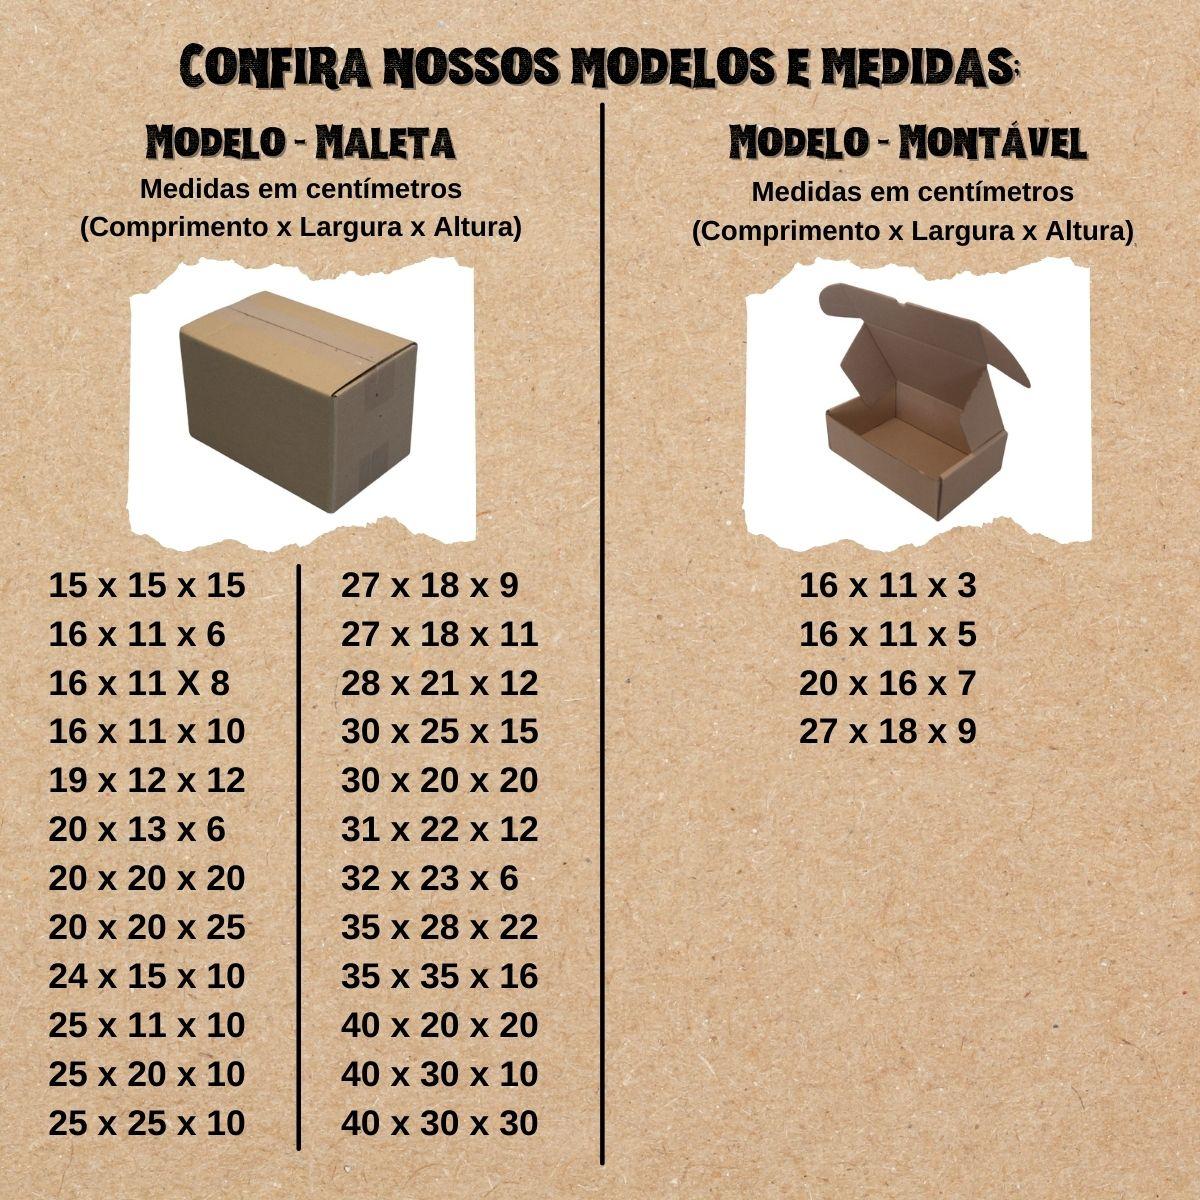 500 Caixas de Papelao (19X12X12)cm - Sedex / Pac / Correios